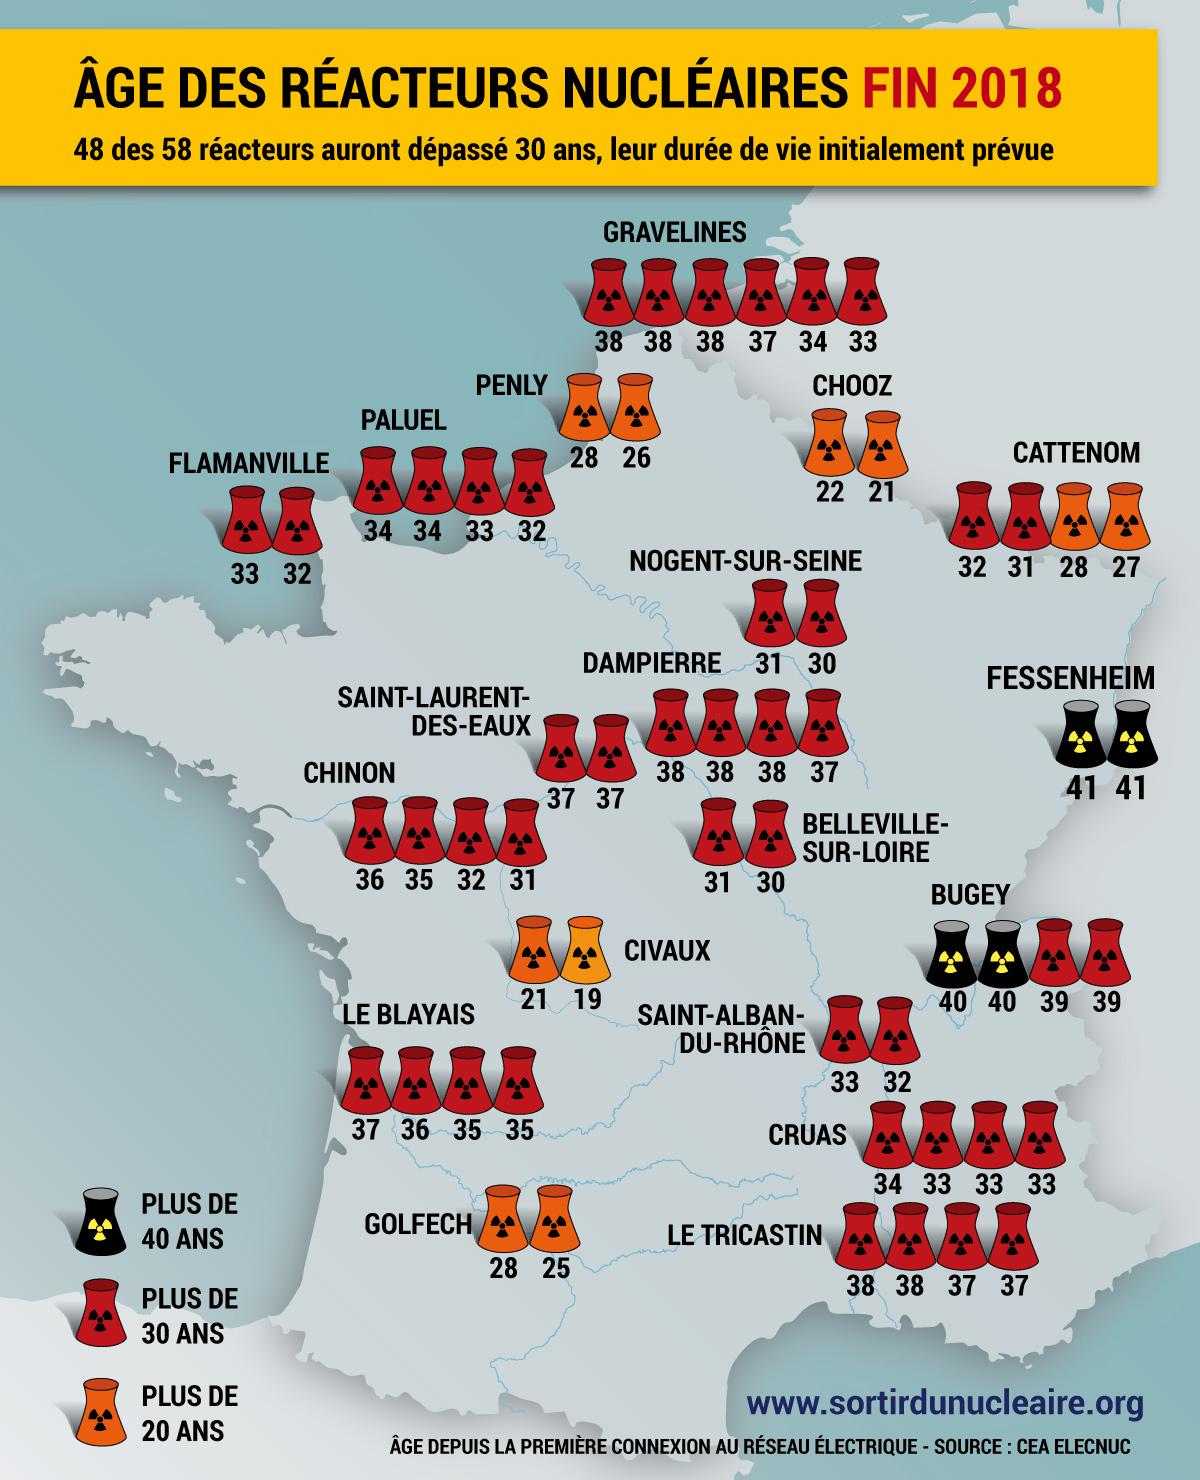 carte des centrales nucléaires en france 2020 Carte des réacteurs vieillissants (fin 2018)